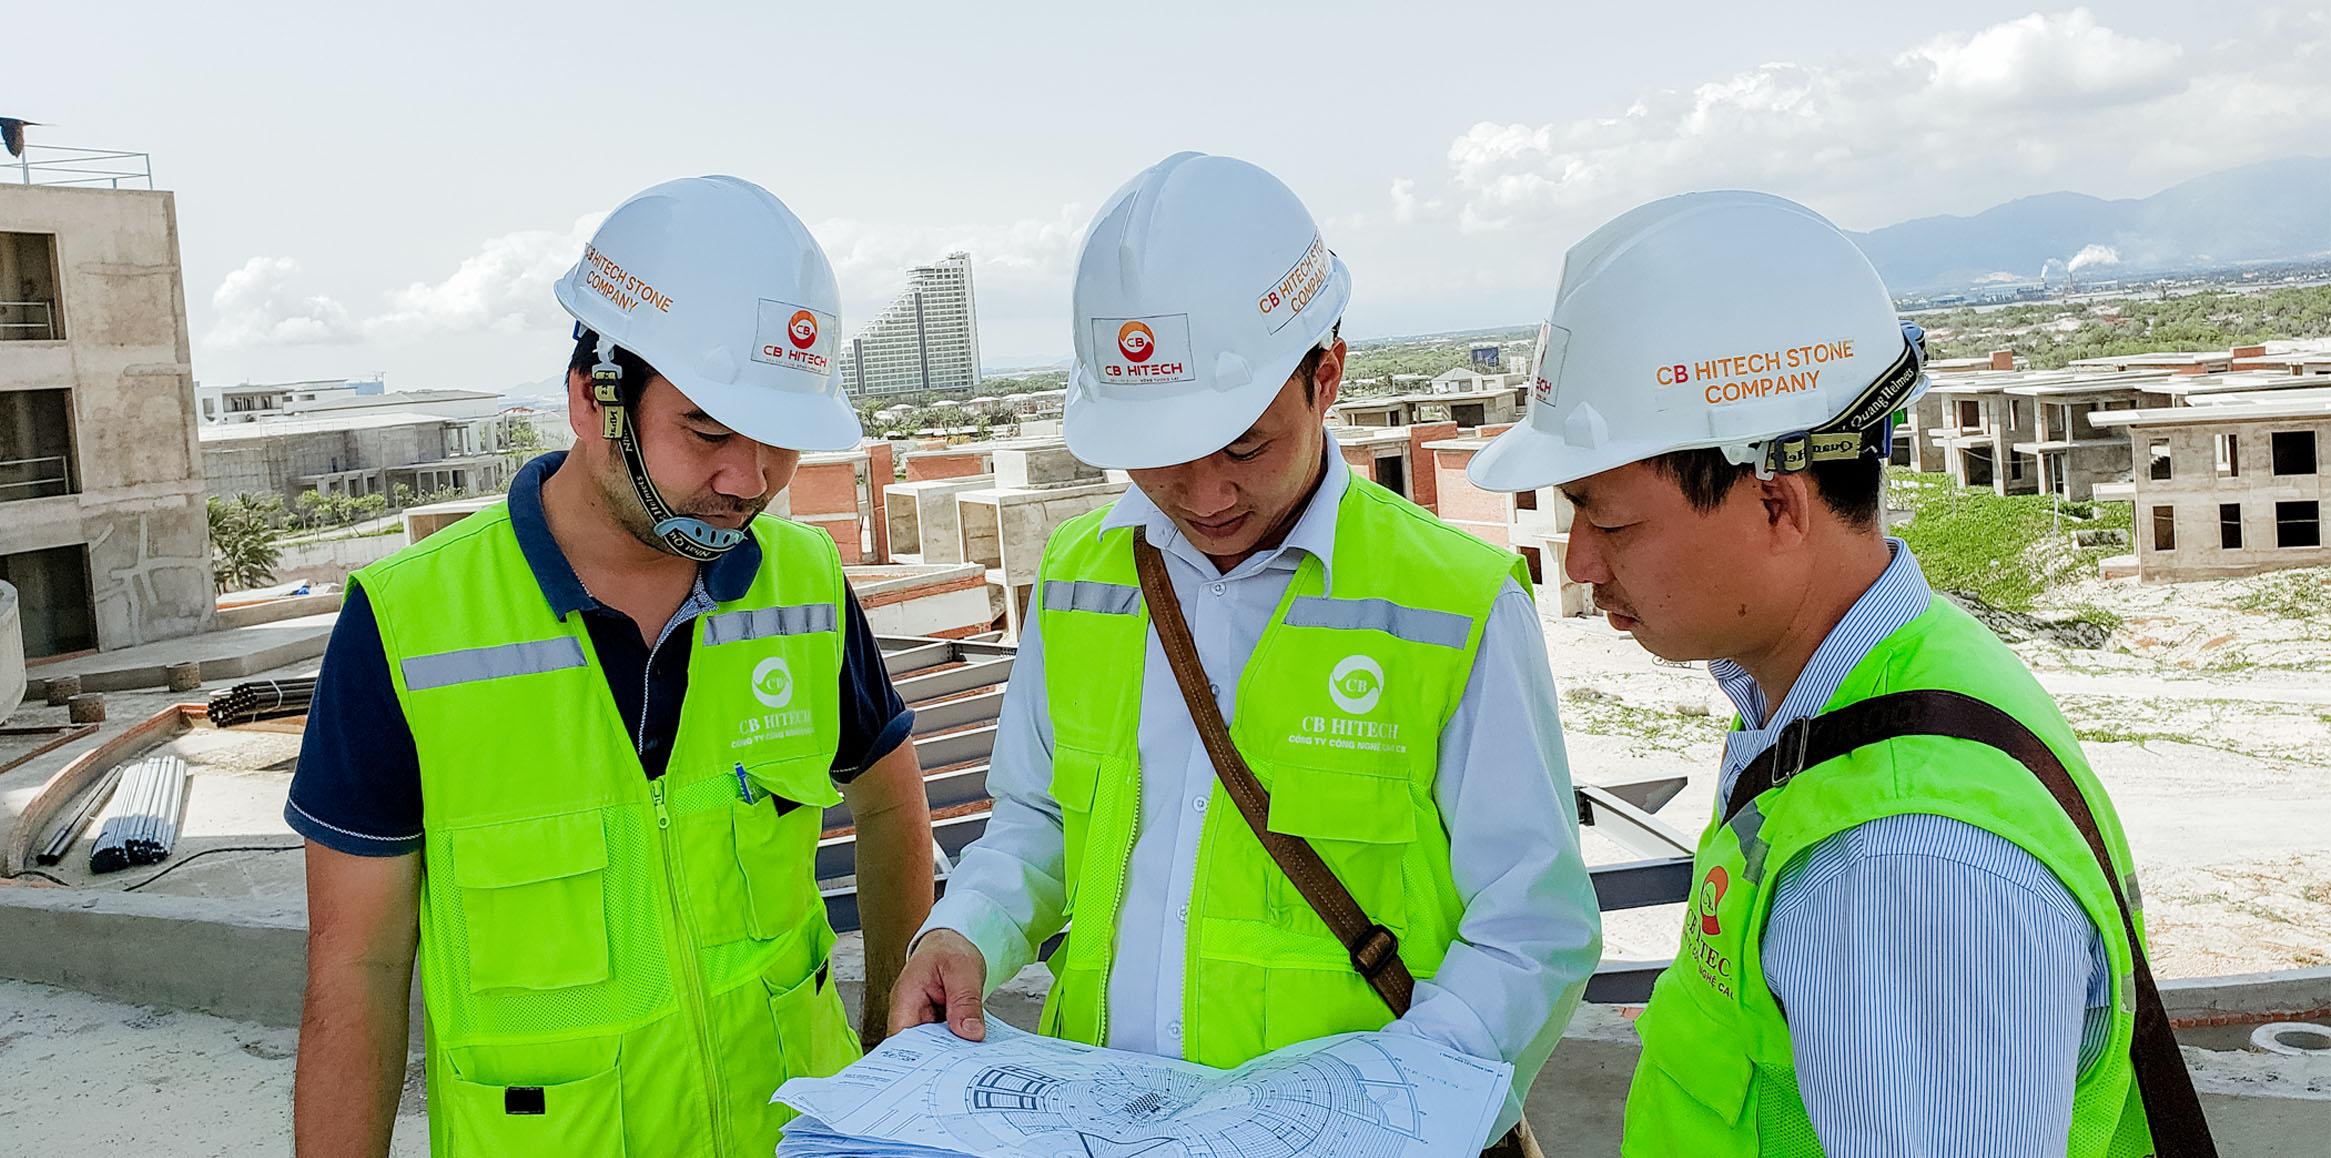 Đội ngũ Giám sát có trách nhiệm và chuyên môn cao